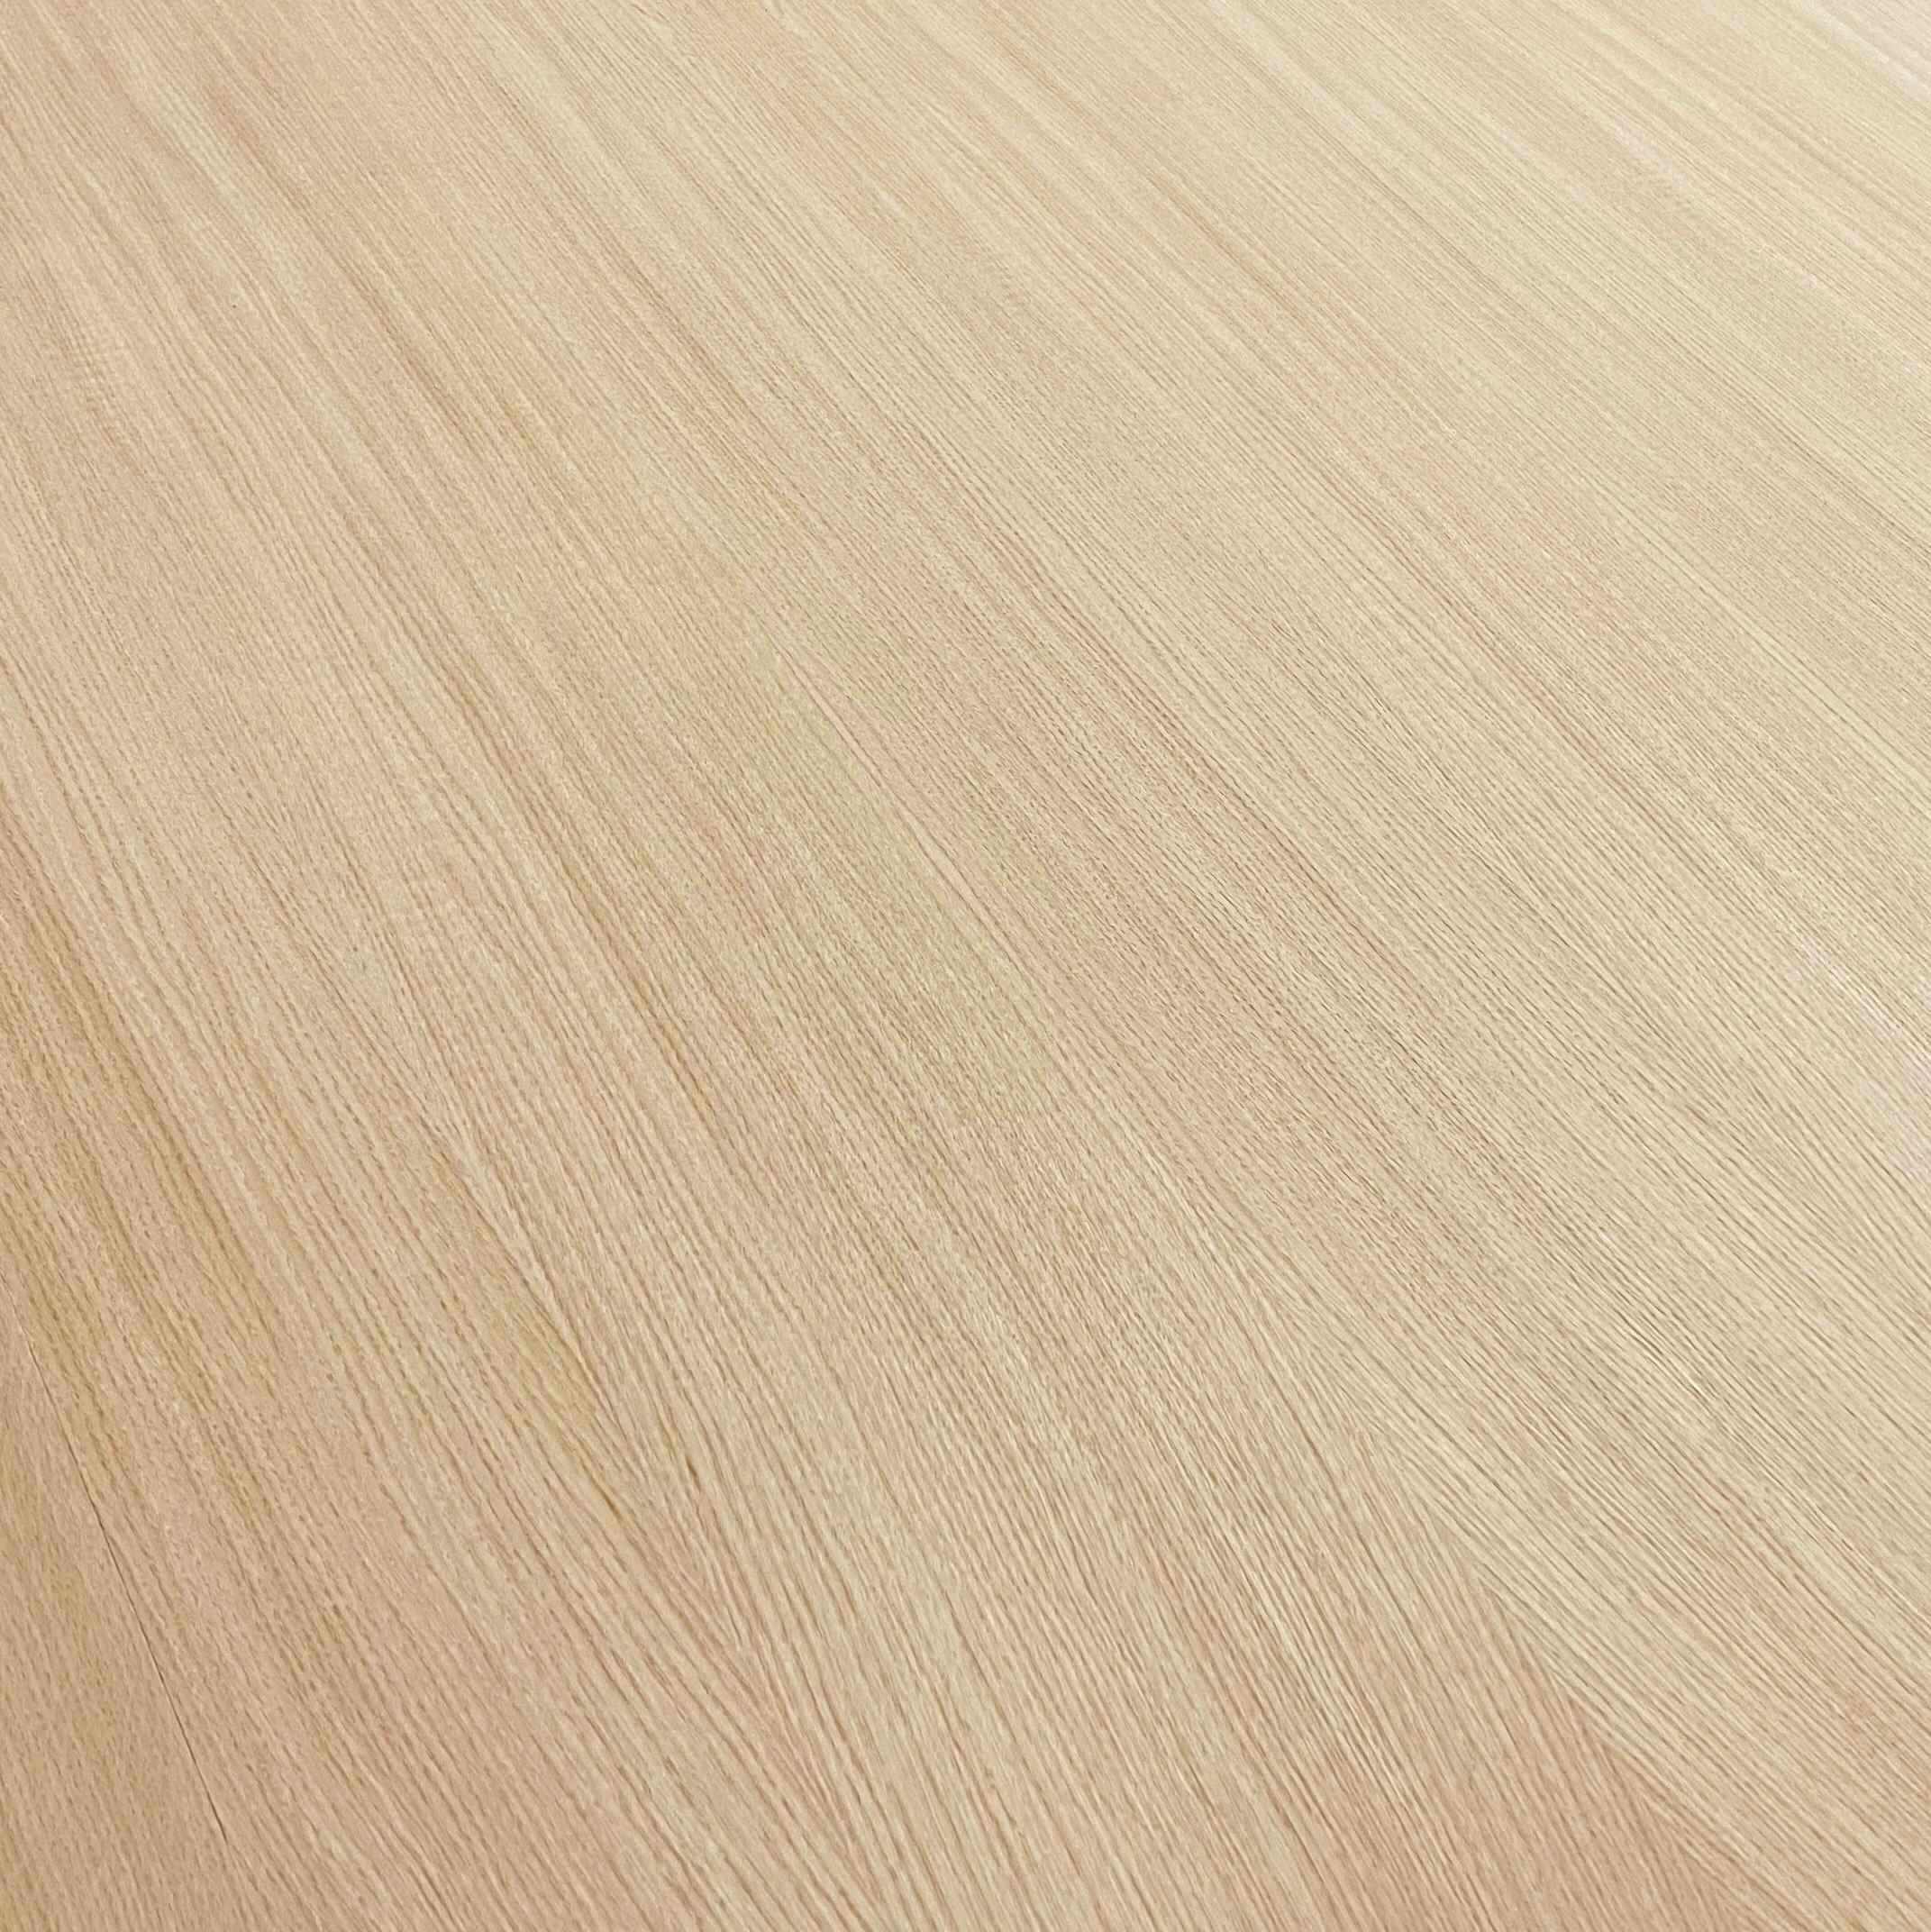 European Oak Veneer Labos